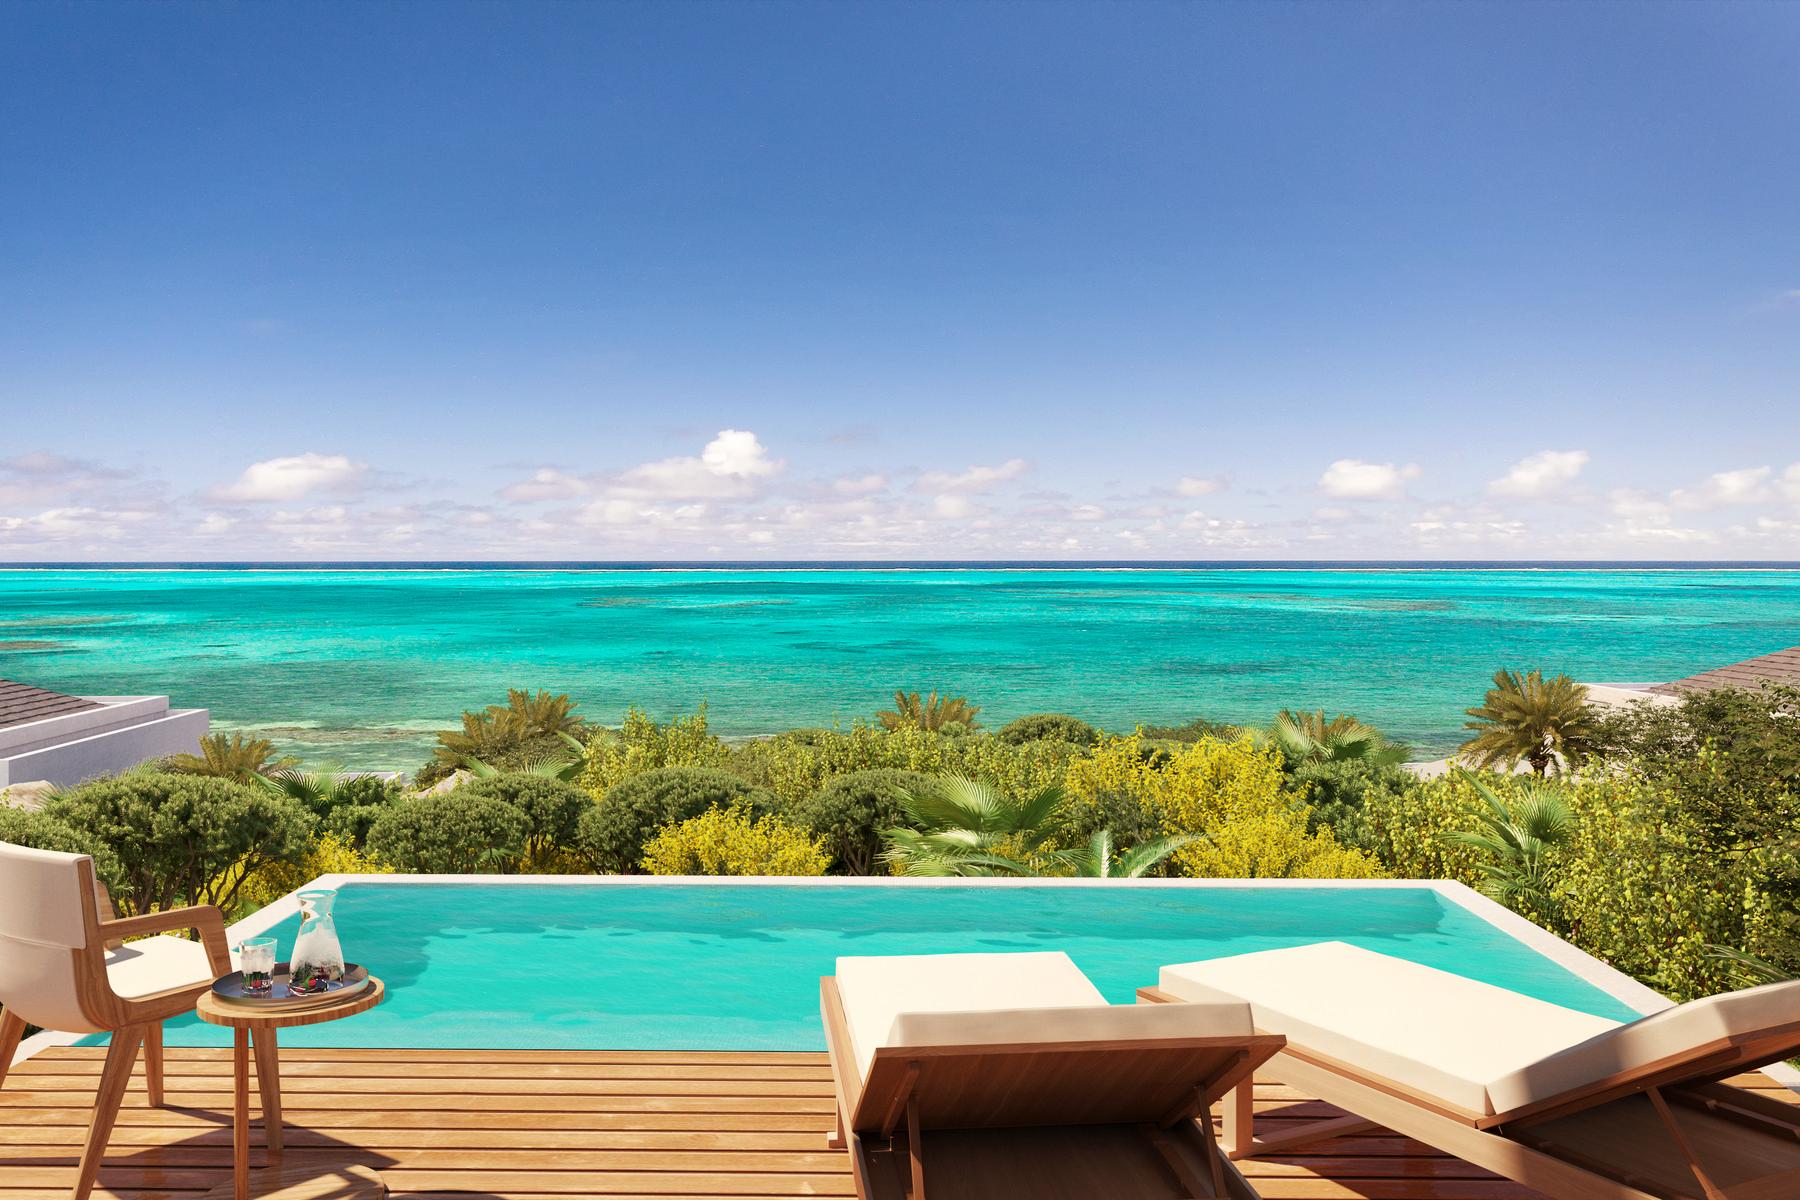 独户住宅 为 销售 在 Rock House One Bedroom 蓝山, 特克斯和凯科斯群岛